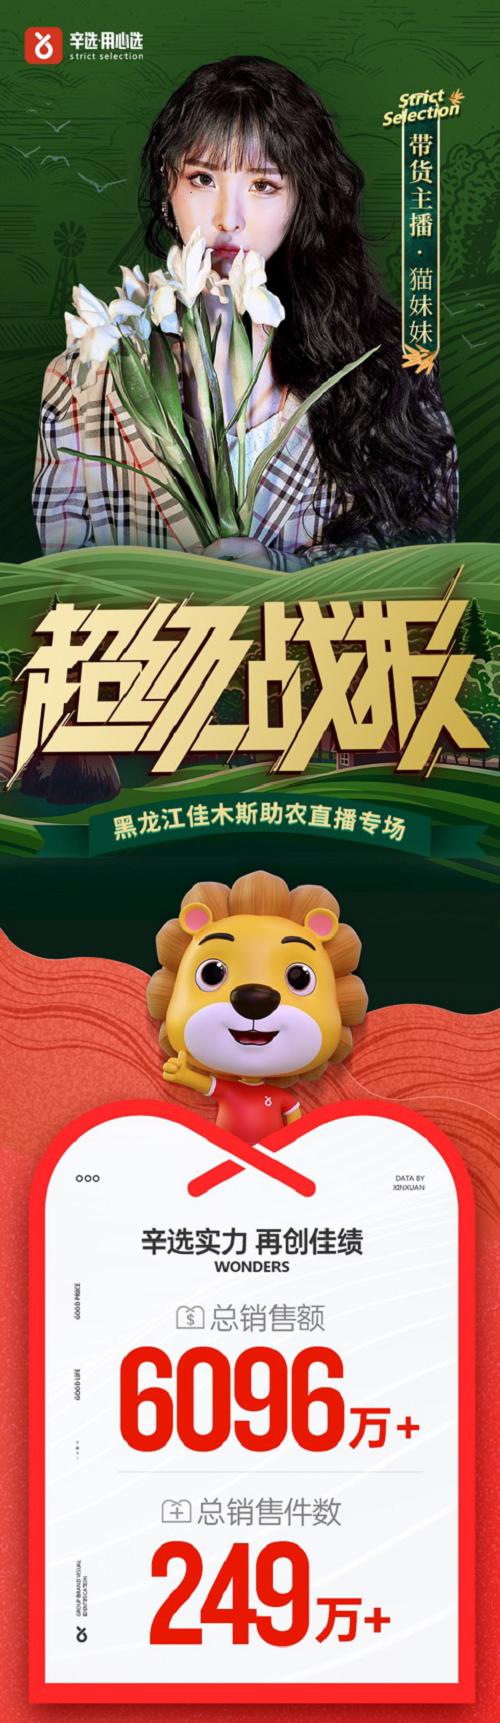 辛有志出席黑龙江2020中国农民丰收节 线上线下联动庆丰收